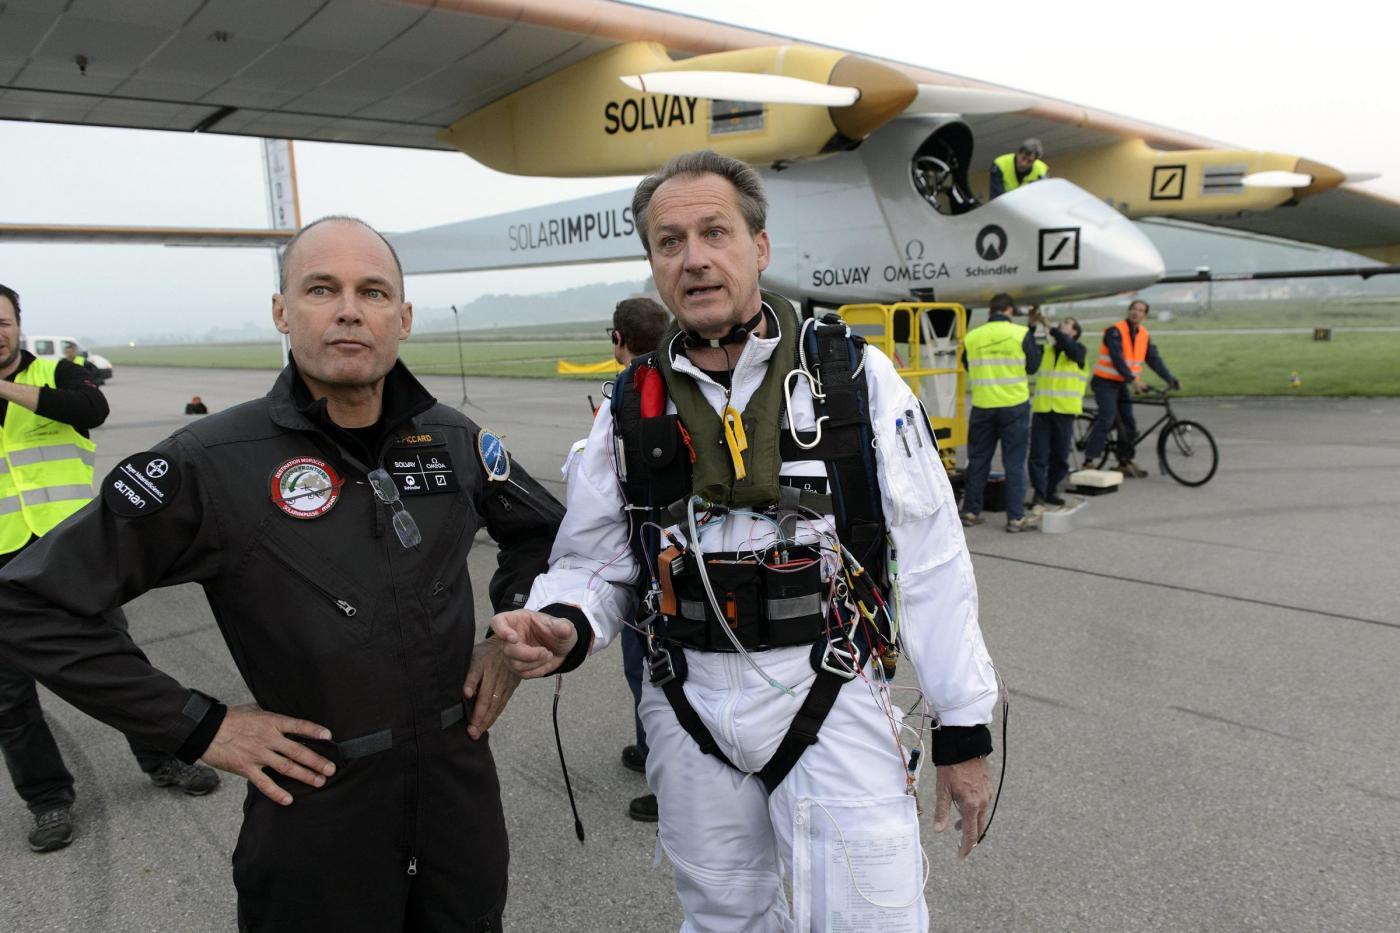 Decolla Solar Impulse, il primo aereo solare al mondo05